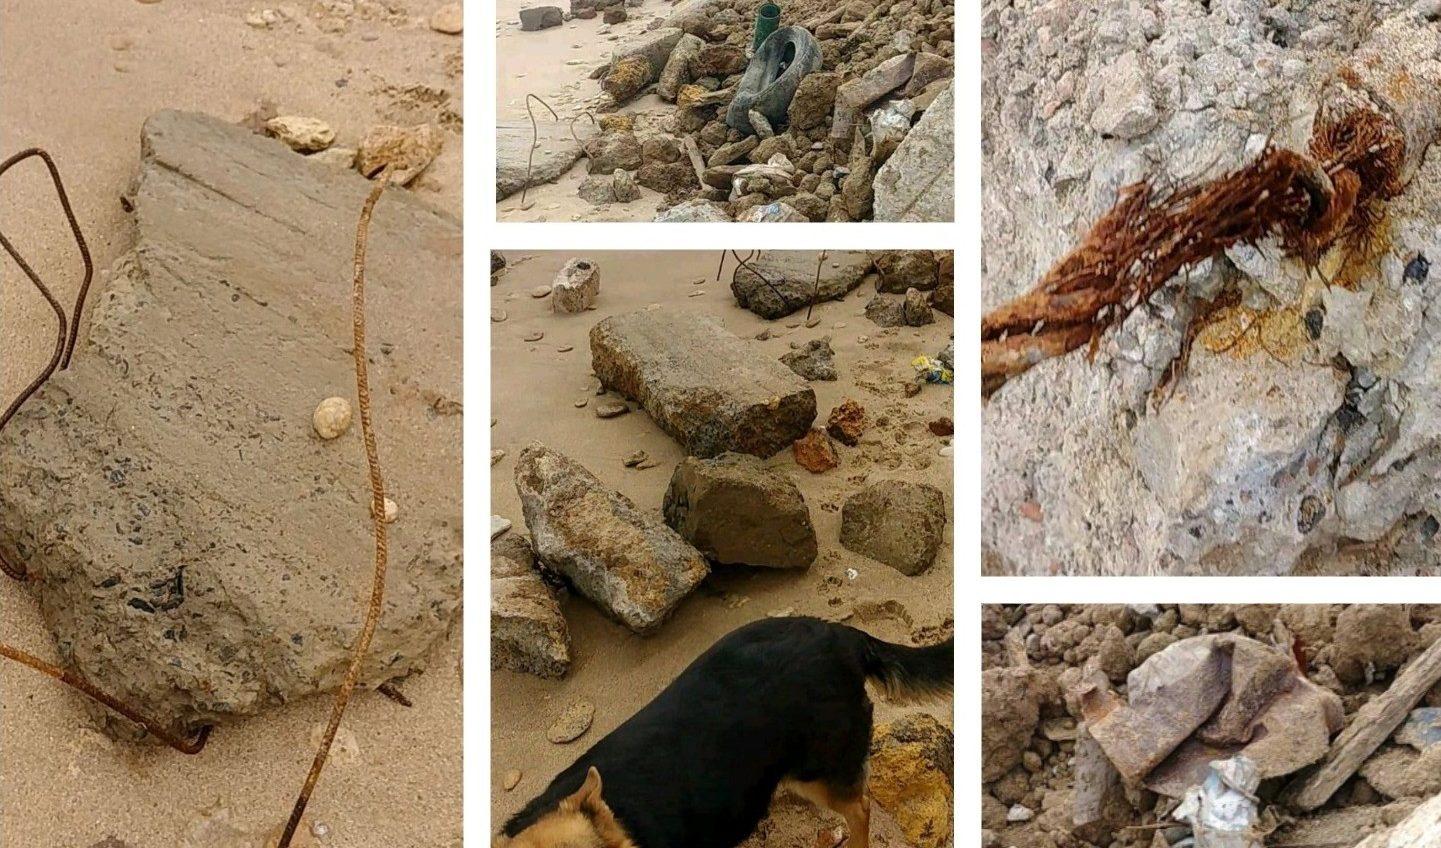 Арматура и куски бетона: в Черноморке пляж засыпали строительным мусором (фото) «фото»